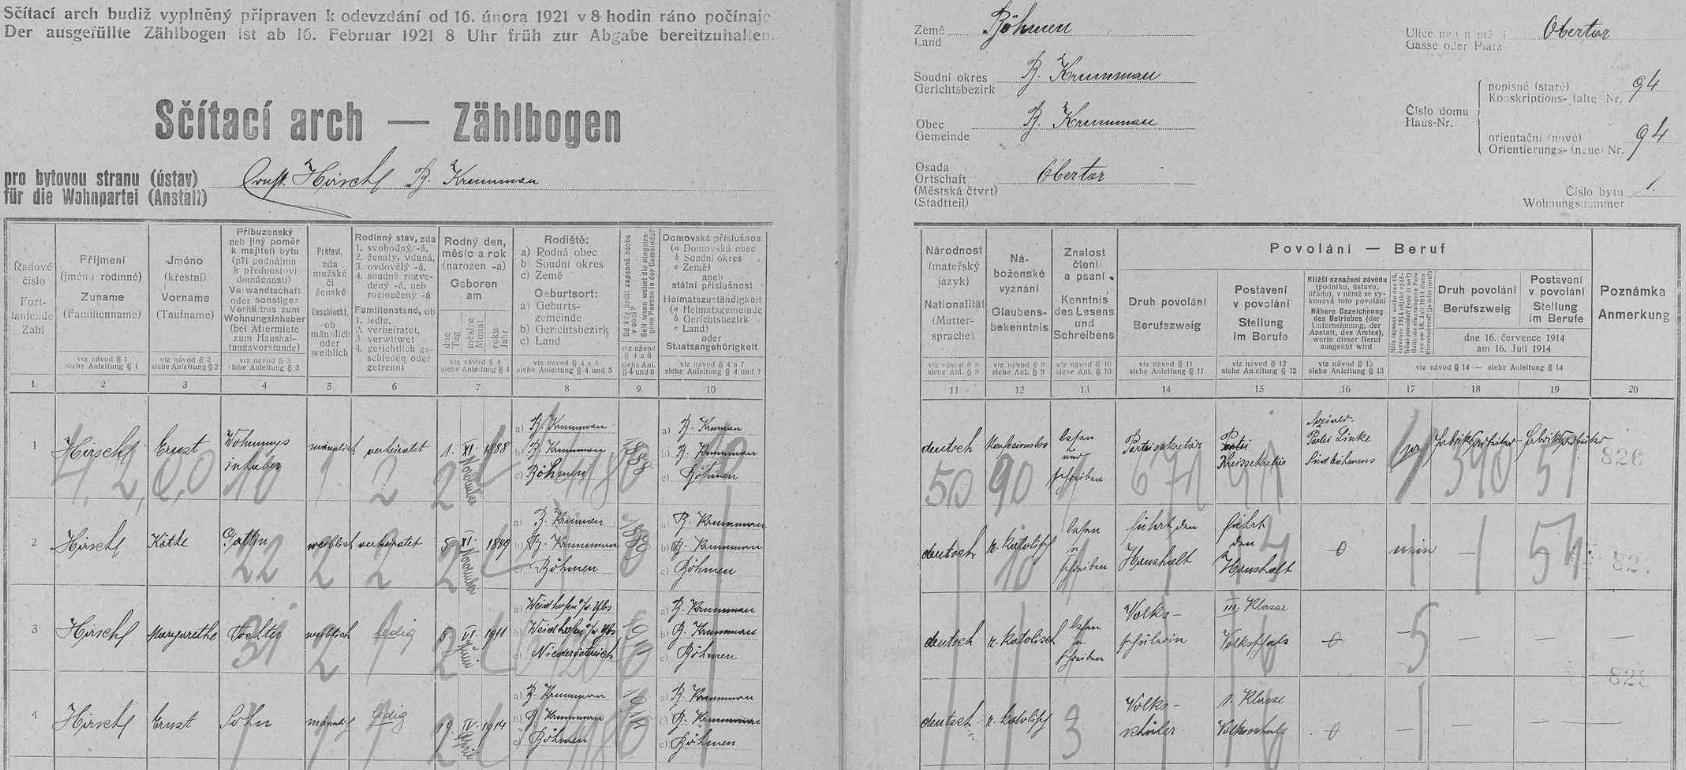 """Arch sčítání lidu z roku 1921 pro byt č. 1 v domě na adrese Horní brána (Obertor) čp. 94 zaznamenává tu Ernsta Hirschla s manželkou Käthe, dcerou Margarethe  (*5. června 1911 v dolnorakouském městě Waidhofen an der Ybbs) a synem Ernstem (*19. dubna 1914 v Českém Kruimlově), jako jeho povolání je tu vedle funkce krajského tajemníka sociálně demokratické levice uvedeno """"tovární dělník"""" (o nějaké českokrumlovské starostenské funkci tu není ani zmínky)"""